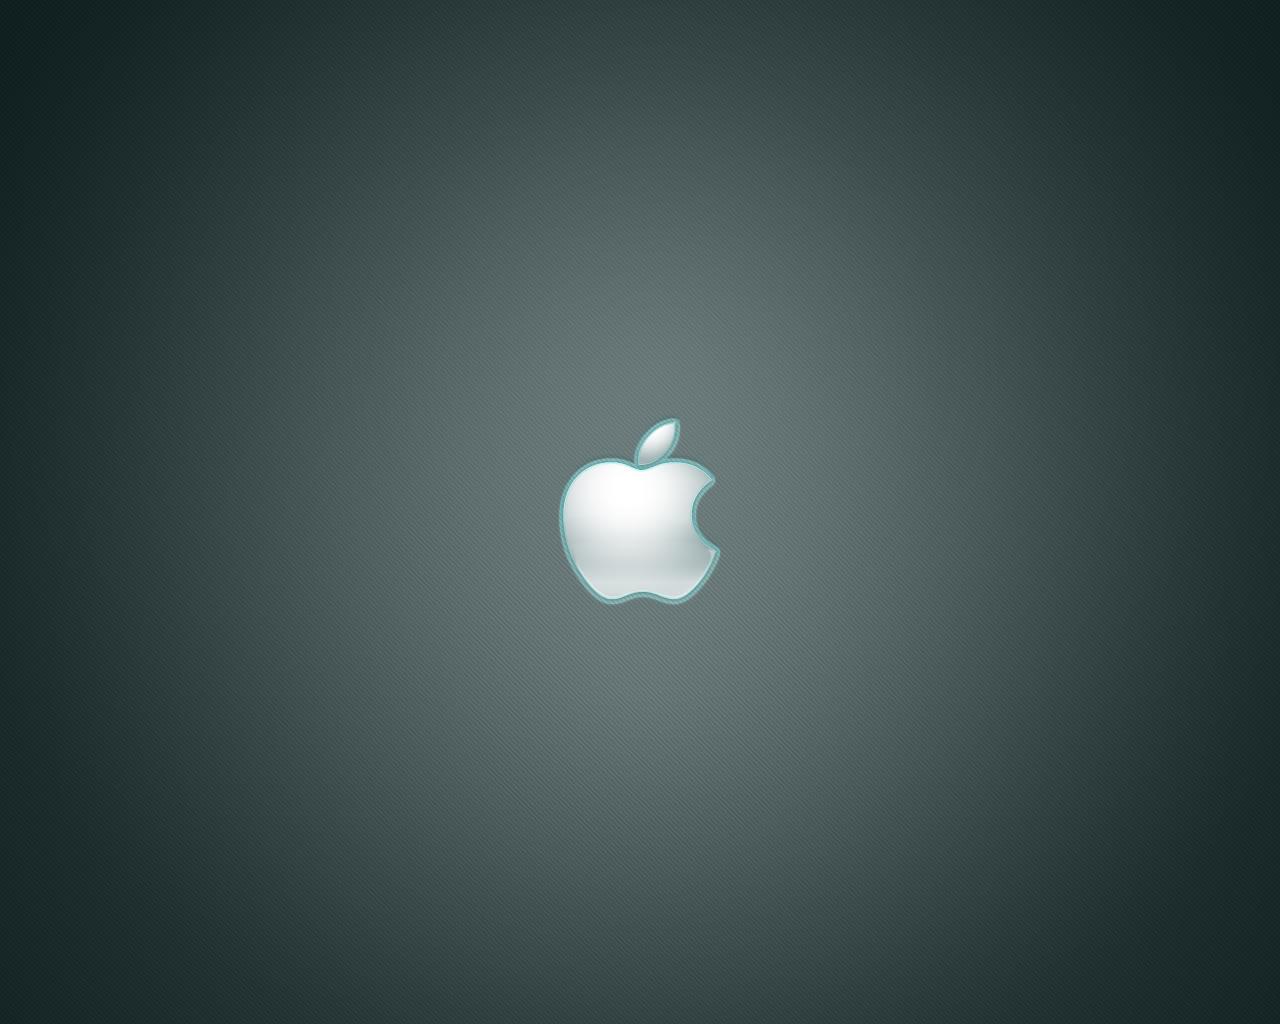 osApple02va9.jpg